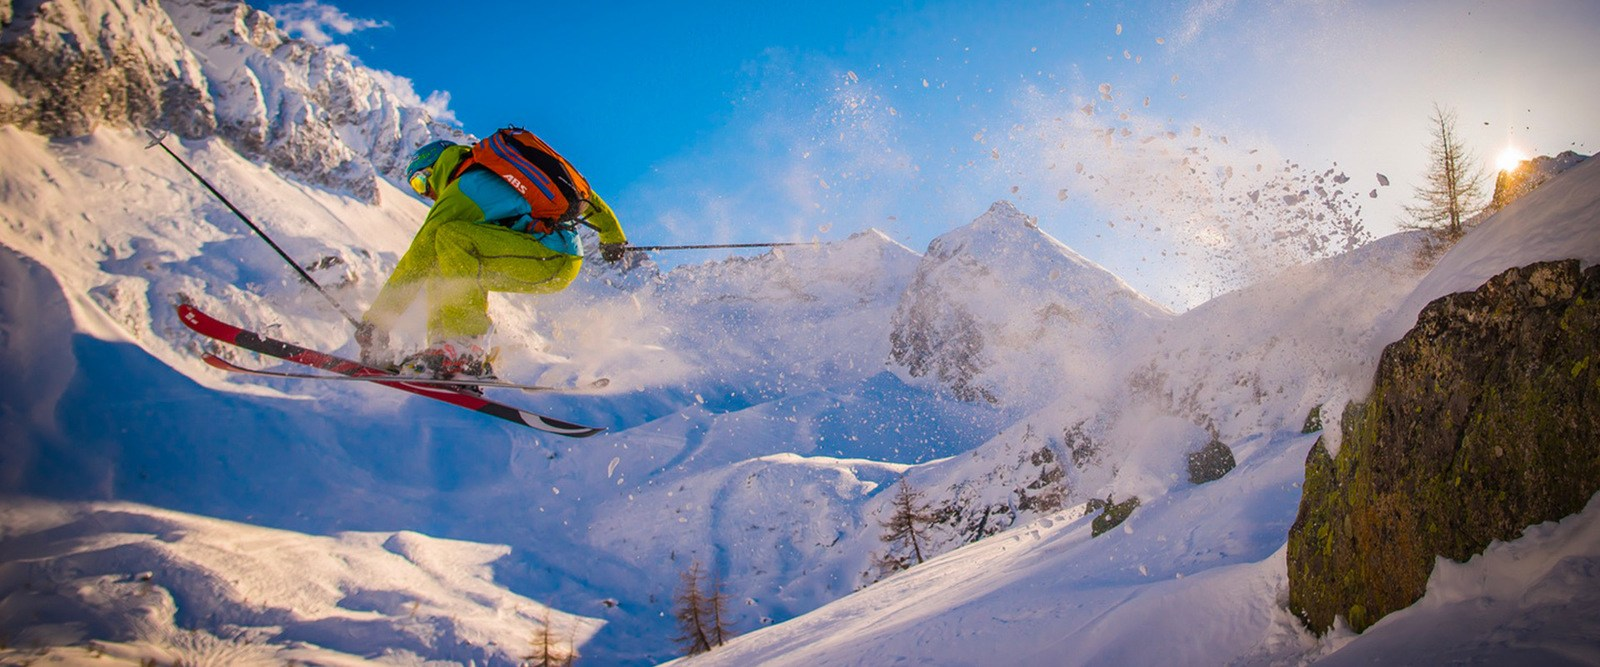 Sci alpinismo - Fuori pista - Trentino